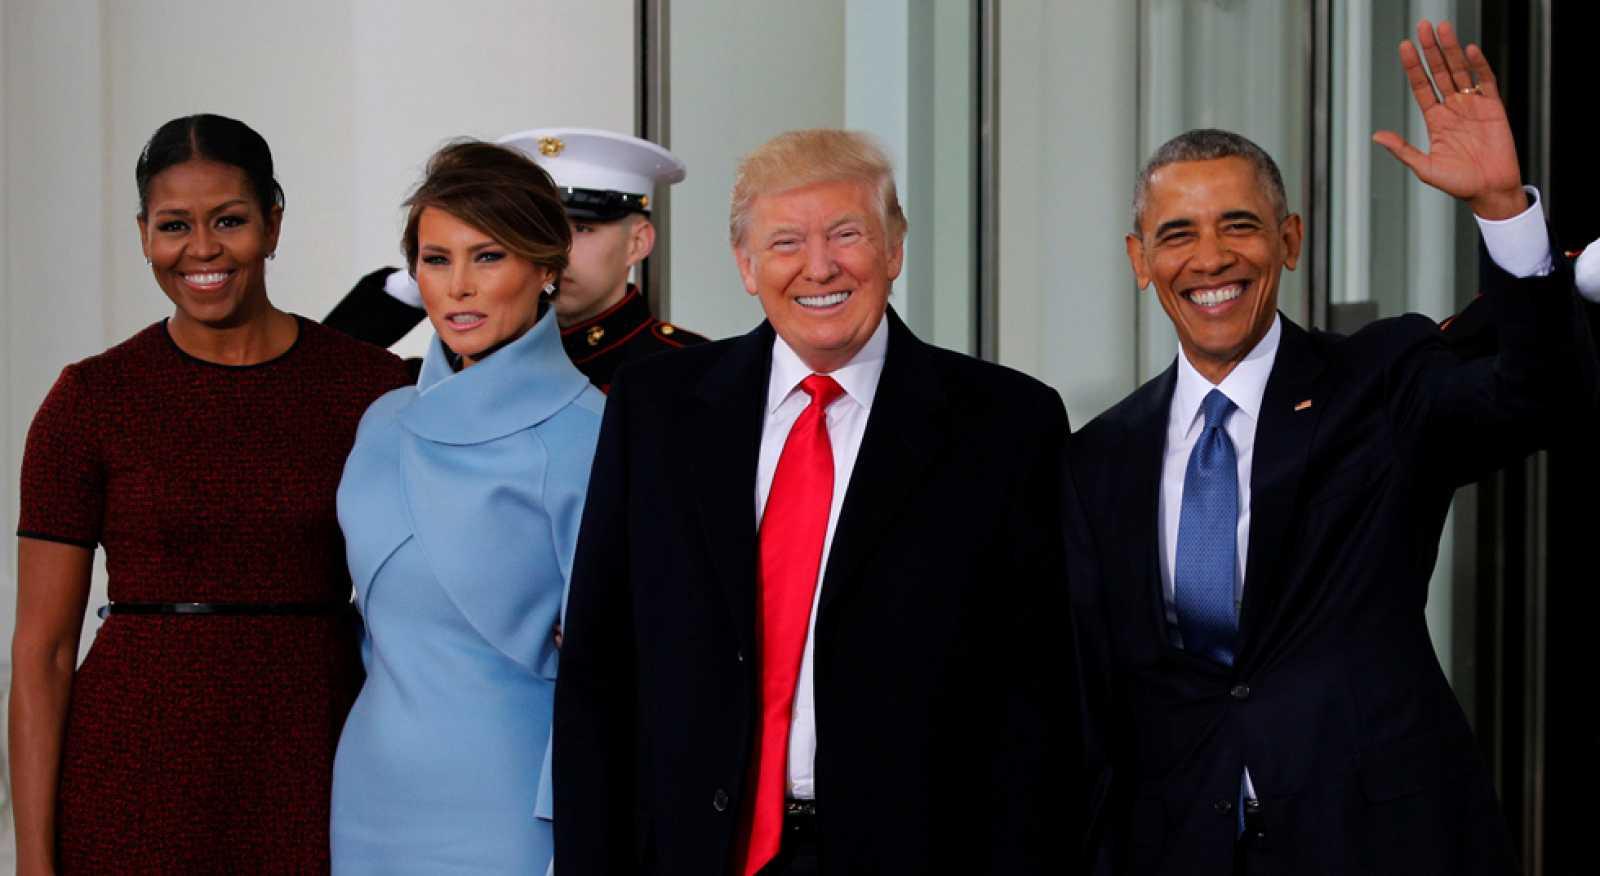 Donald Trump jura como presidente de los EE.UU. en una ceremonia que arranca con los Obama en la Casa Blanca